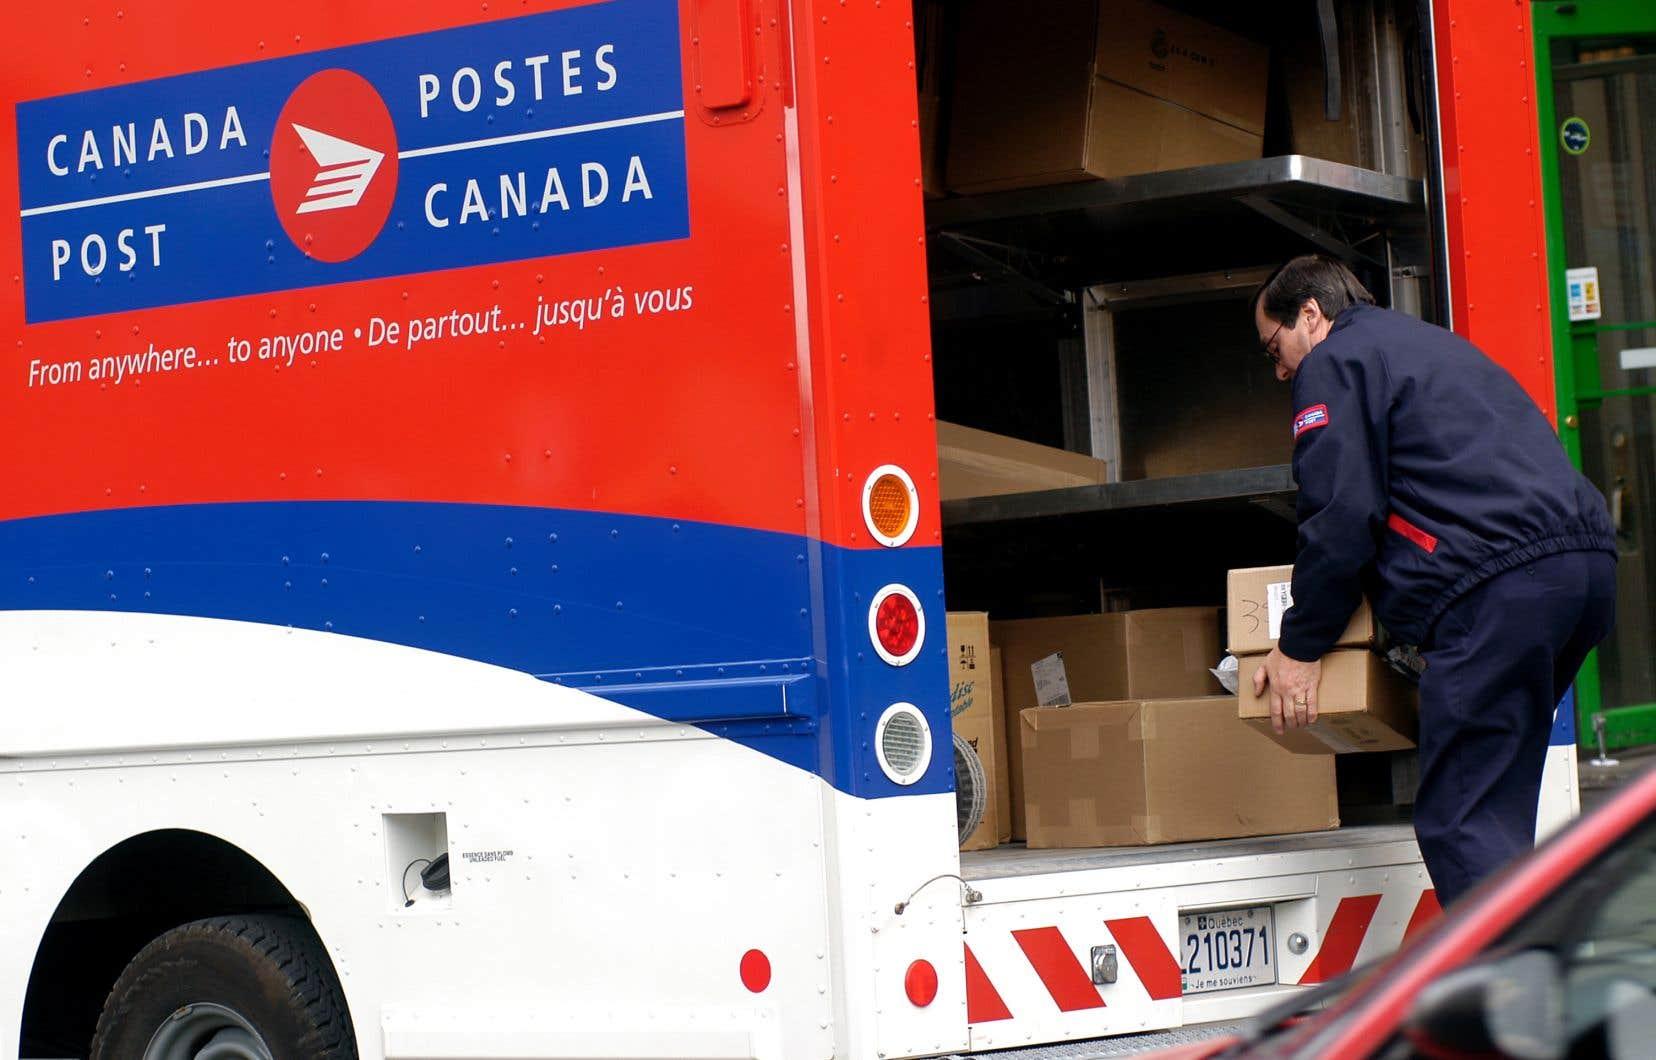 Postes Canada a connu une croissance importante de ses activités dans le secteur des colis alors que les consommateurs se sont tournés en grand nombre vers les détaillants en ligne.